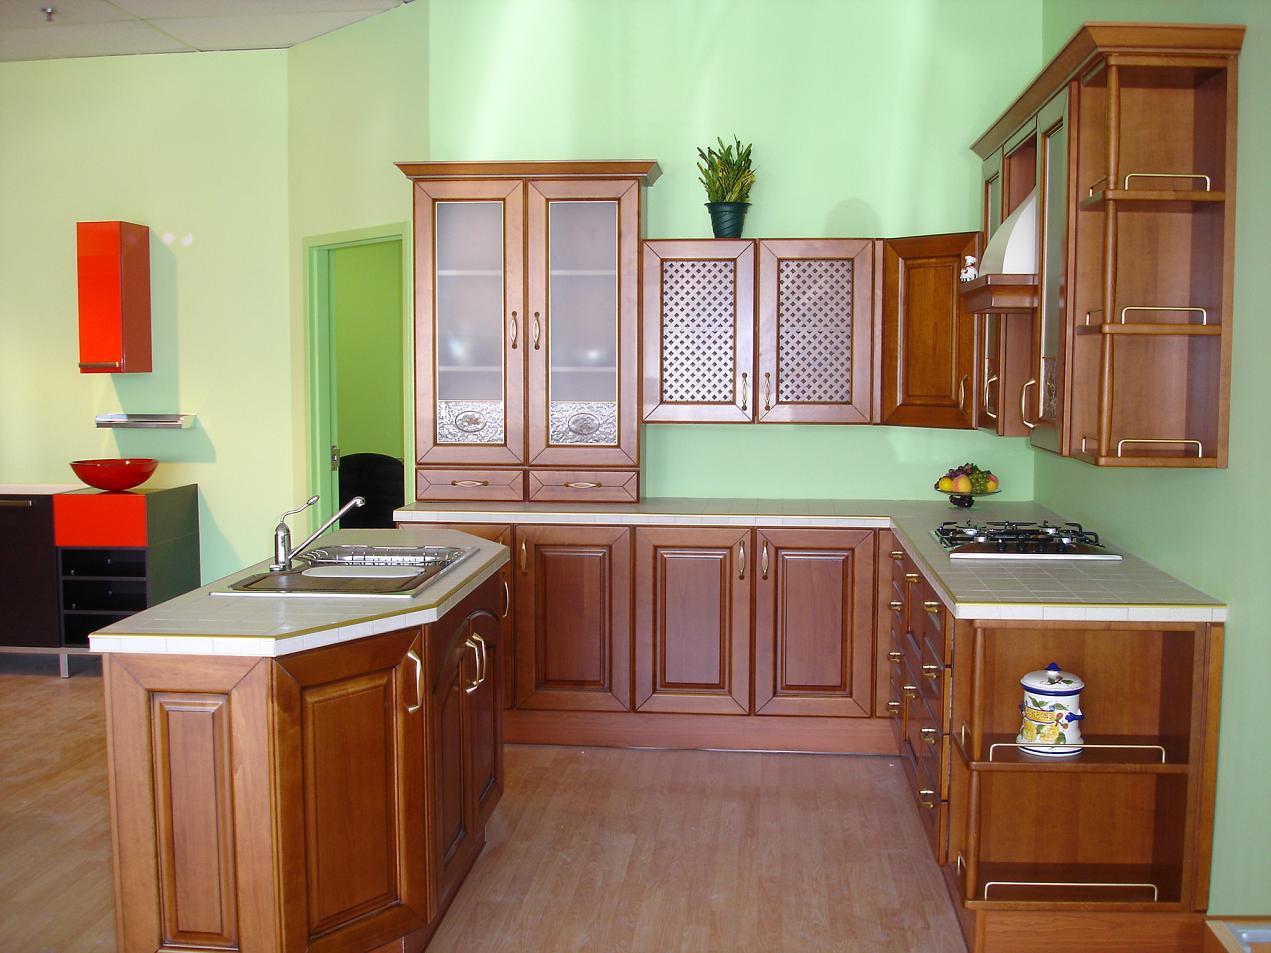 Tủ Bếp Dạng Chữ U Cho Nhà Phố Hiện Đại - Gỗ Gỏ Đỏ -050